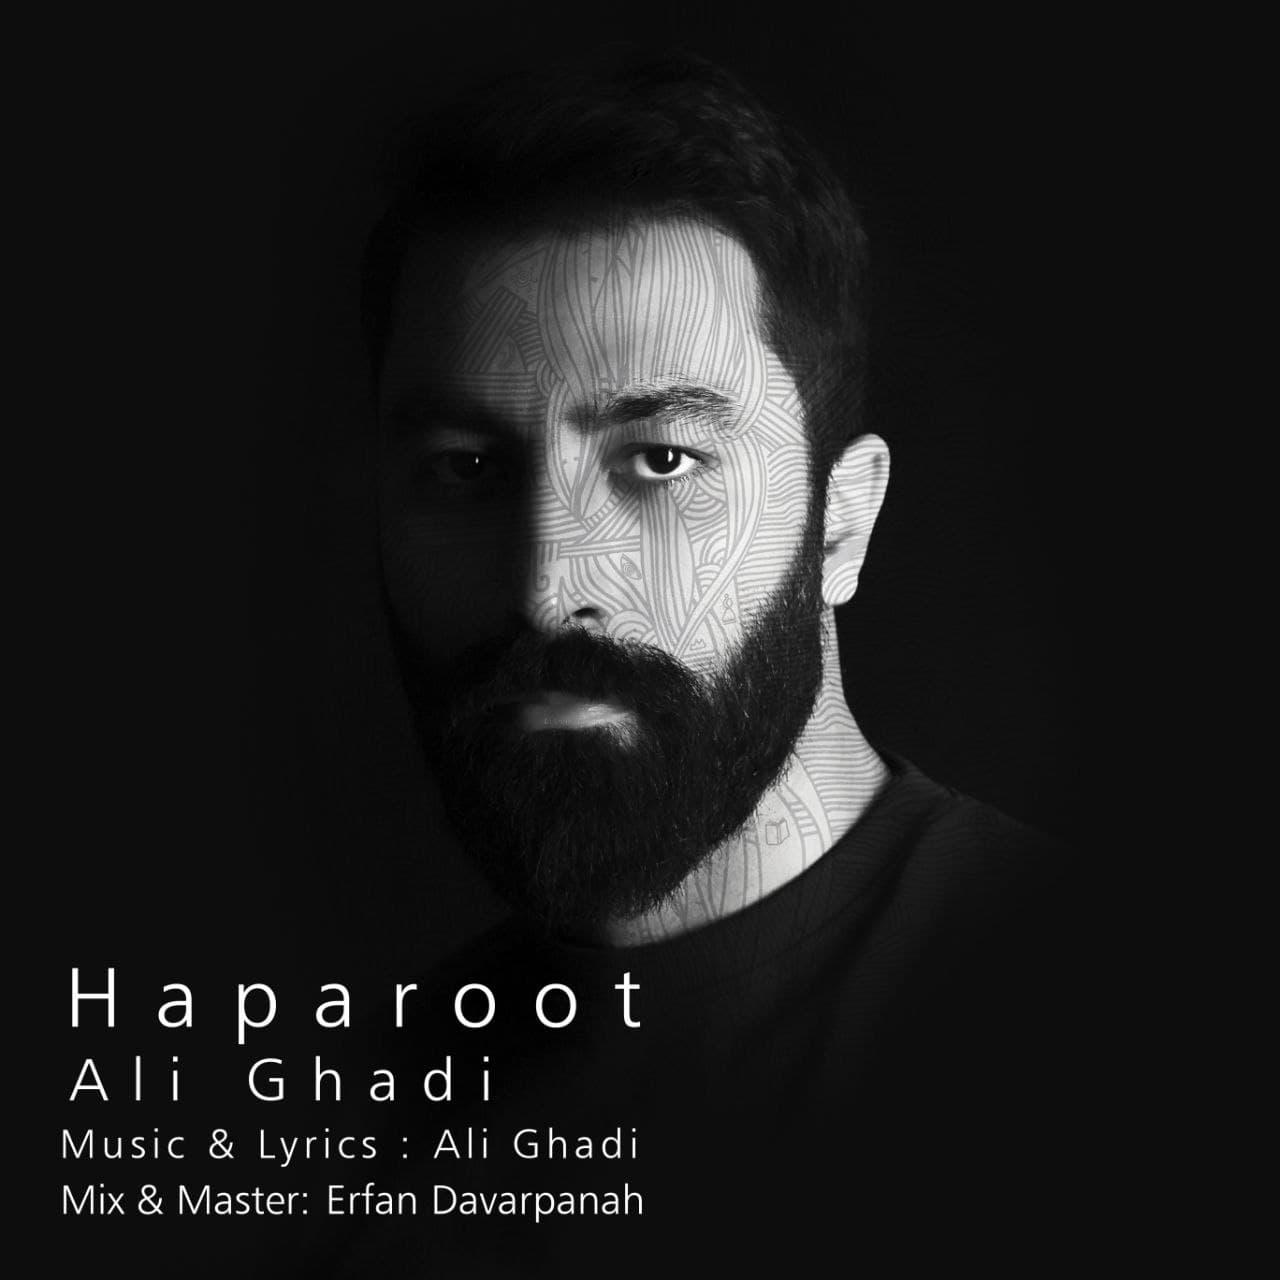 Ali Ghadi – Haparoot